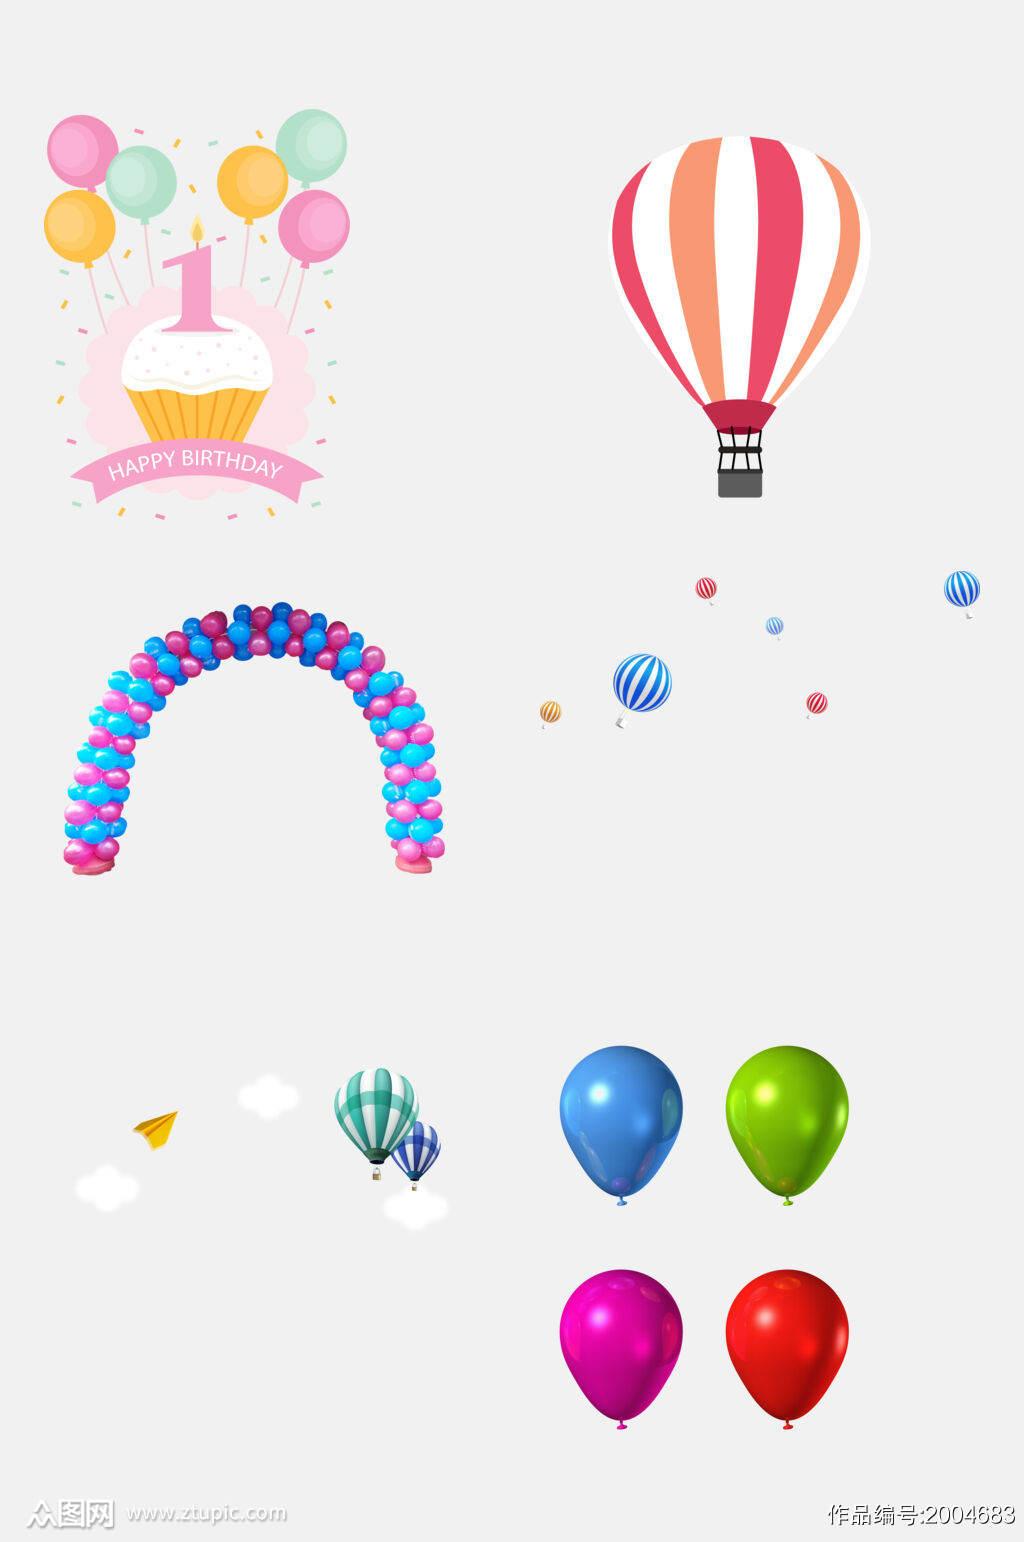 缤纷创意气球免抠元素素材